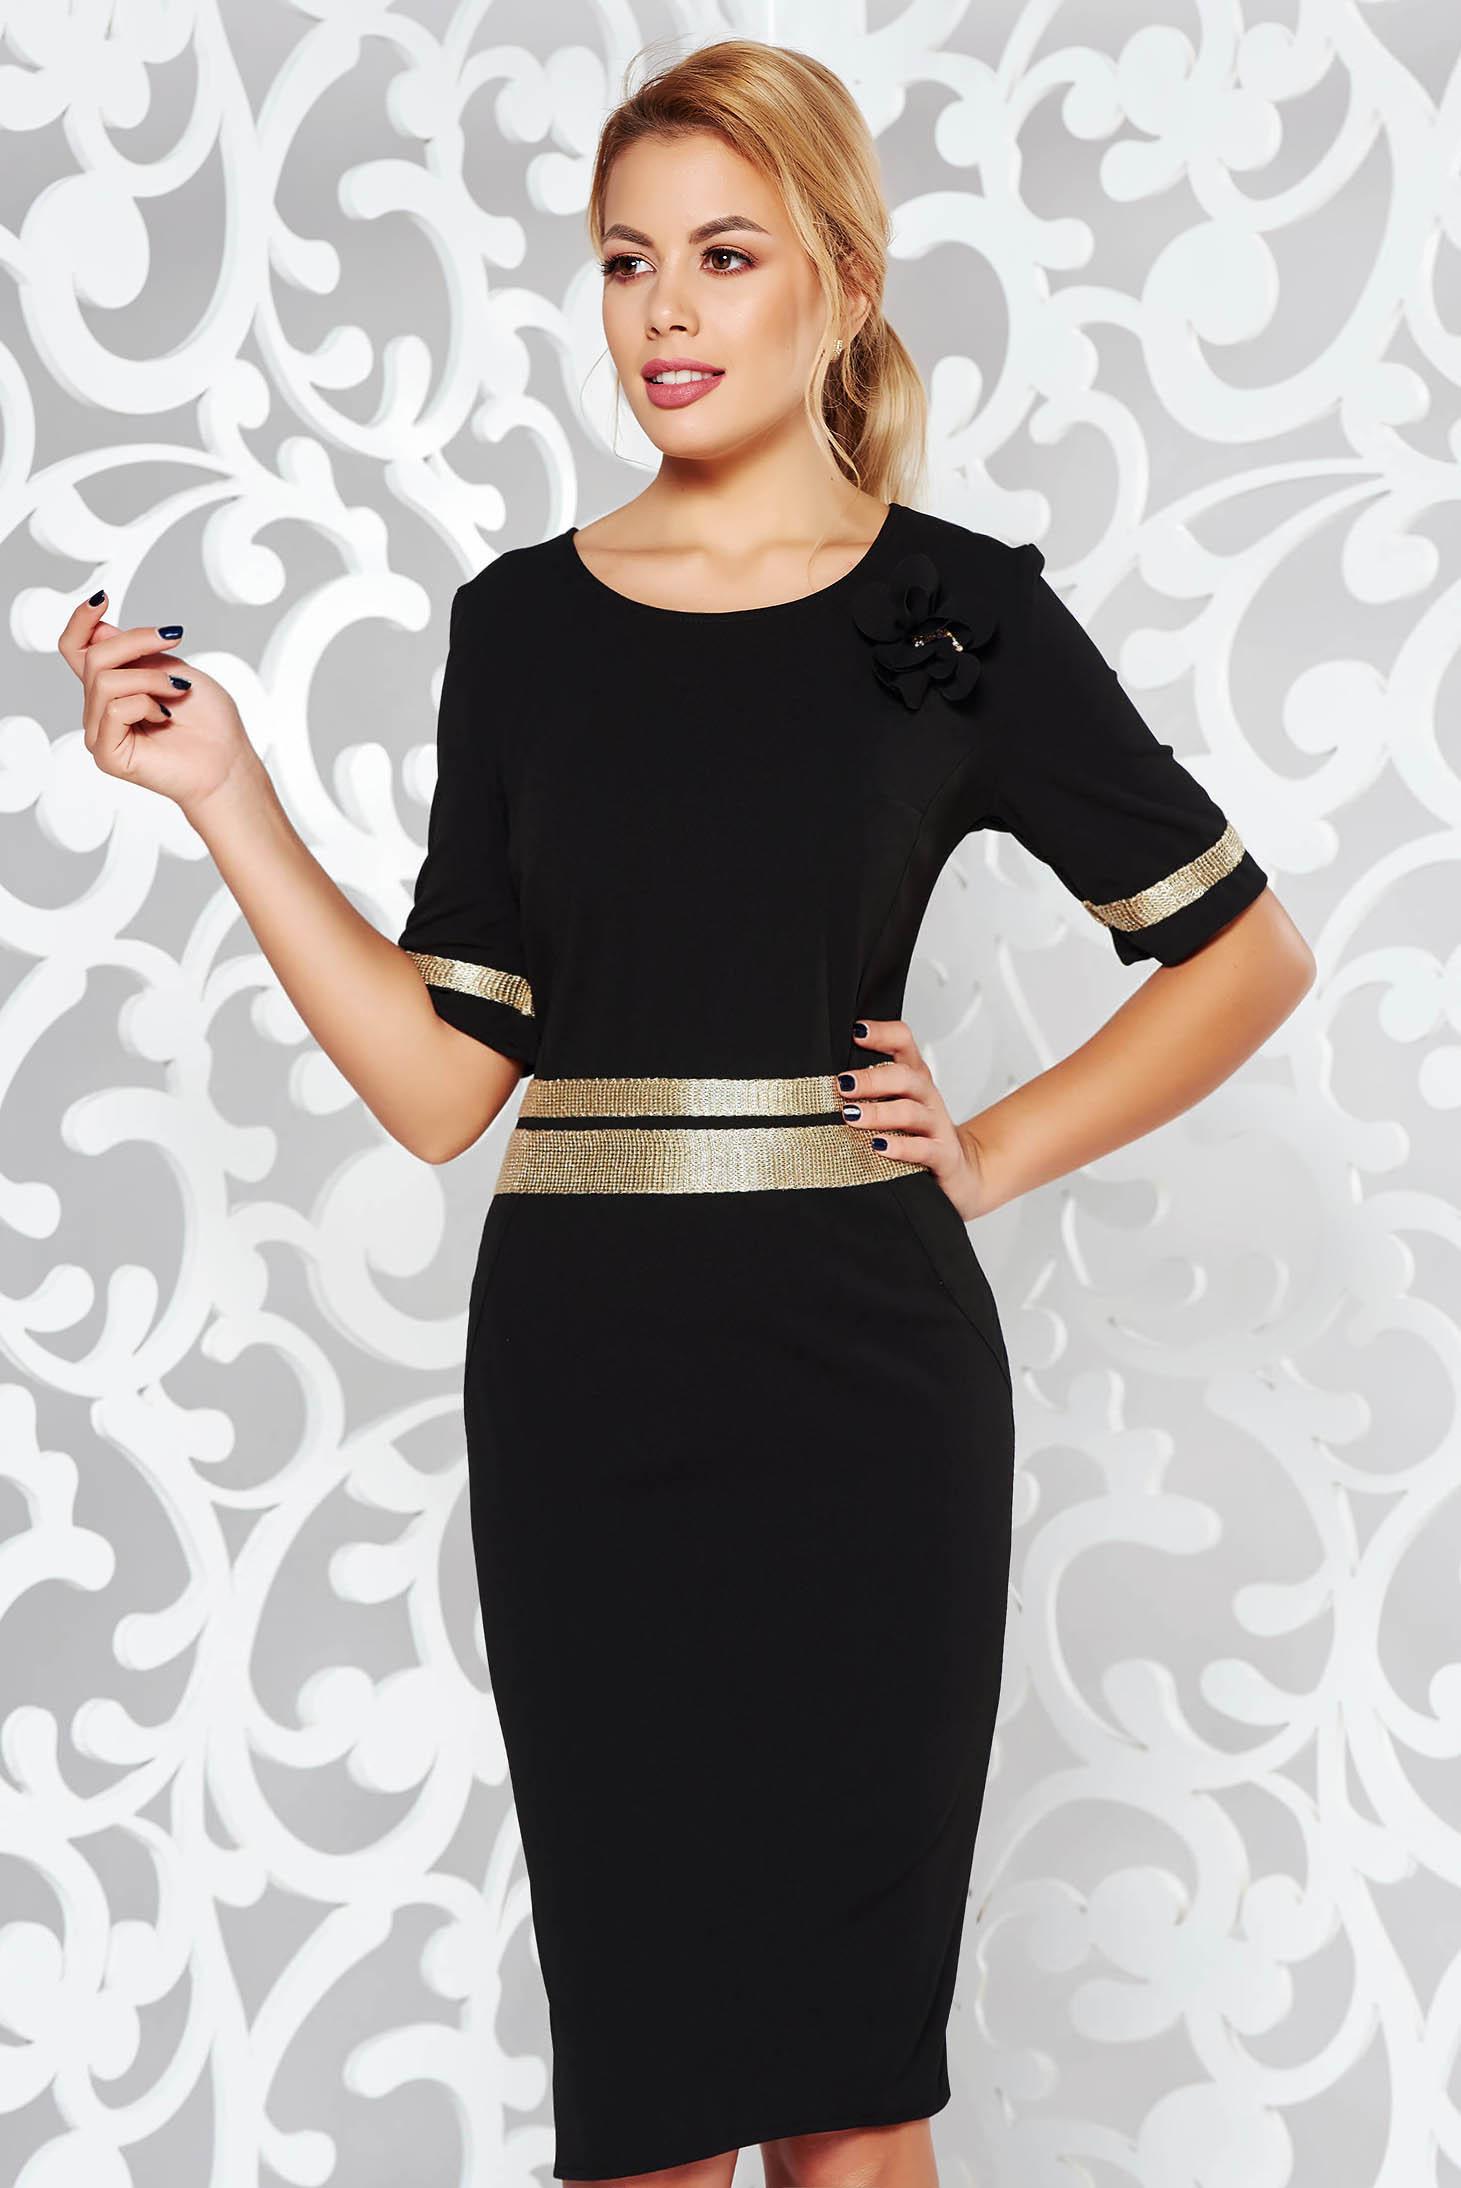 Fekete elegáns ruha szűk szabás enyhén rugalmas anyag csillogó kiegészítők 4a2c928c56